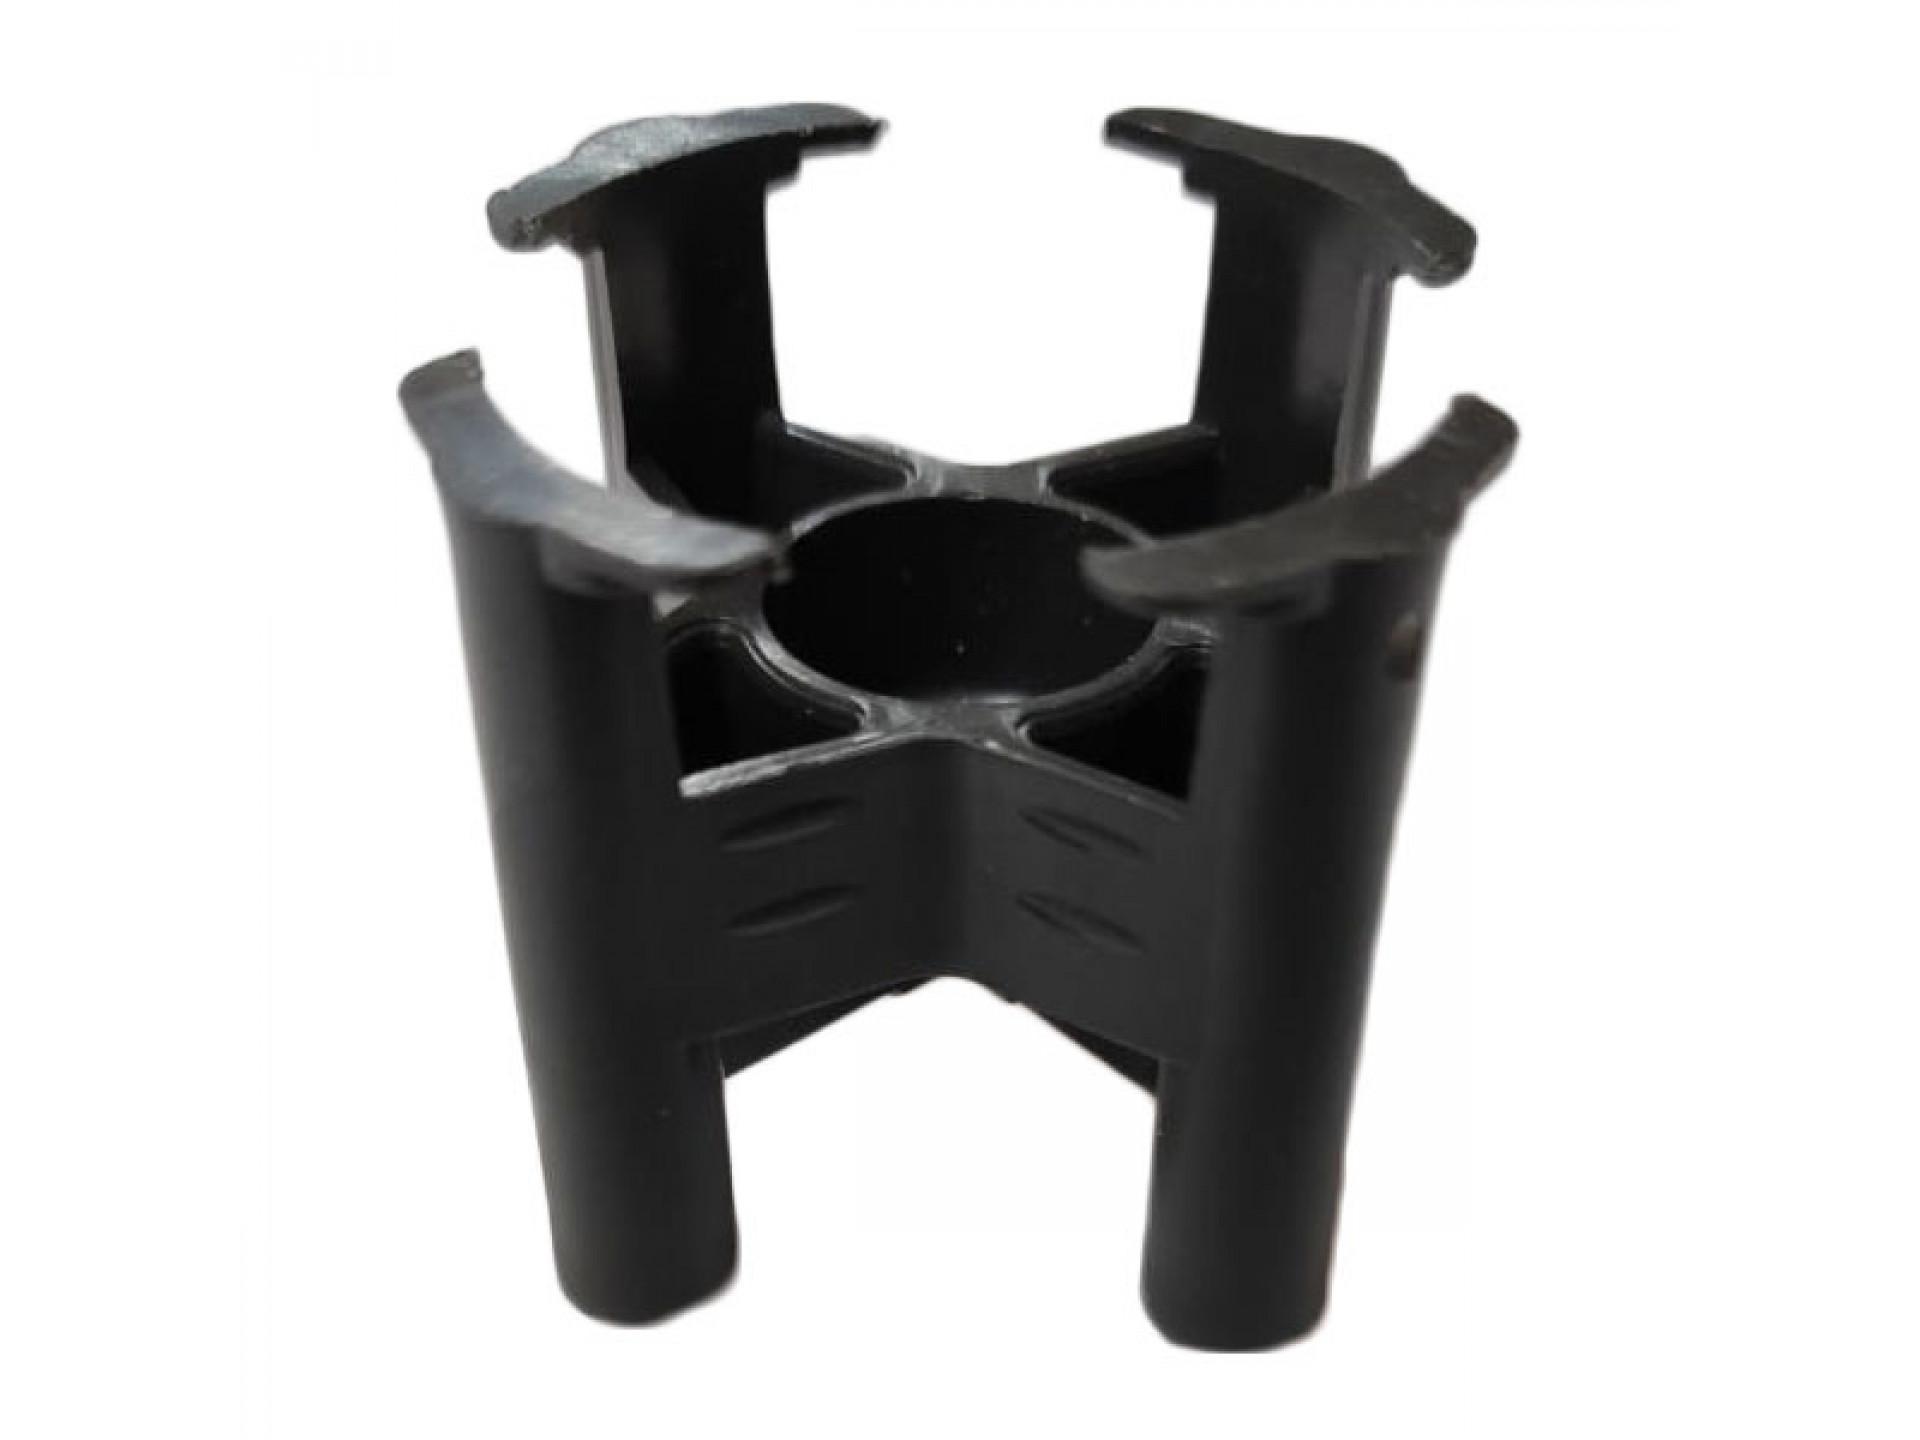 Фиксатор - стульчик-30 для композитной арматуры в Волгограде